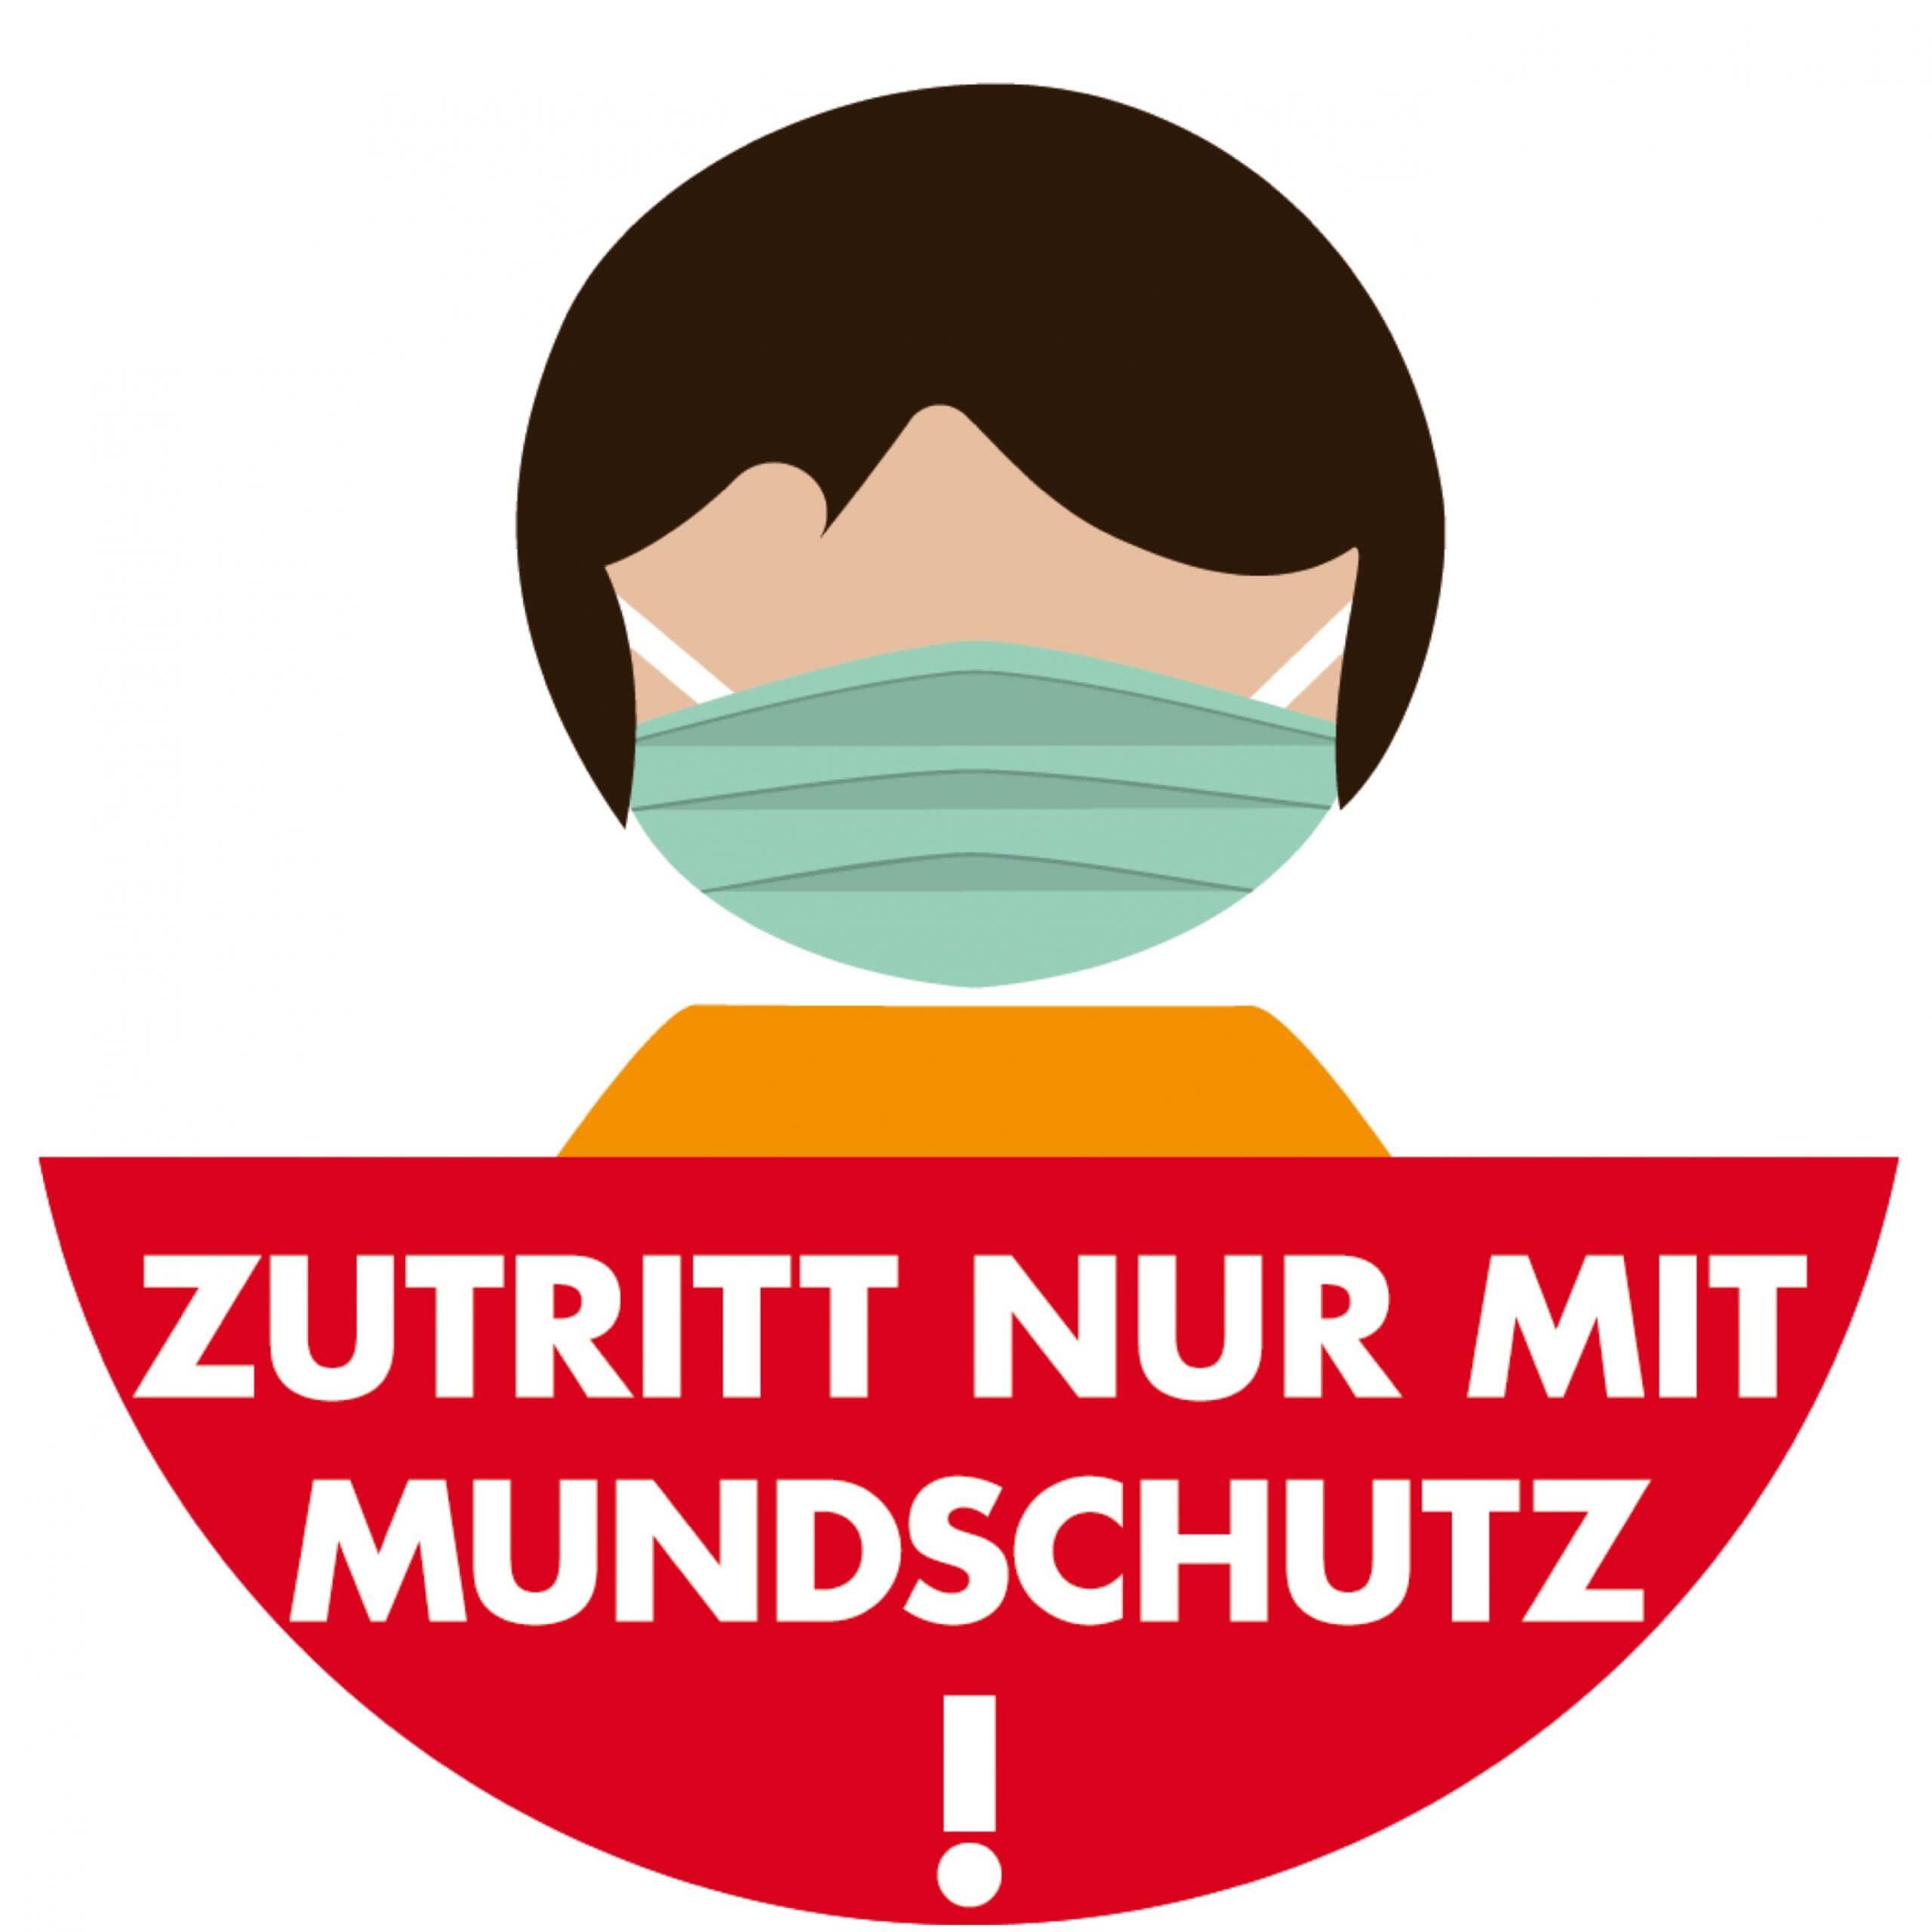 mundschutz symbol 1 scaled